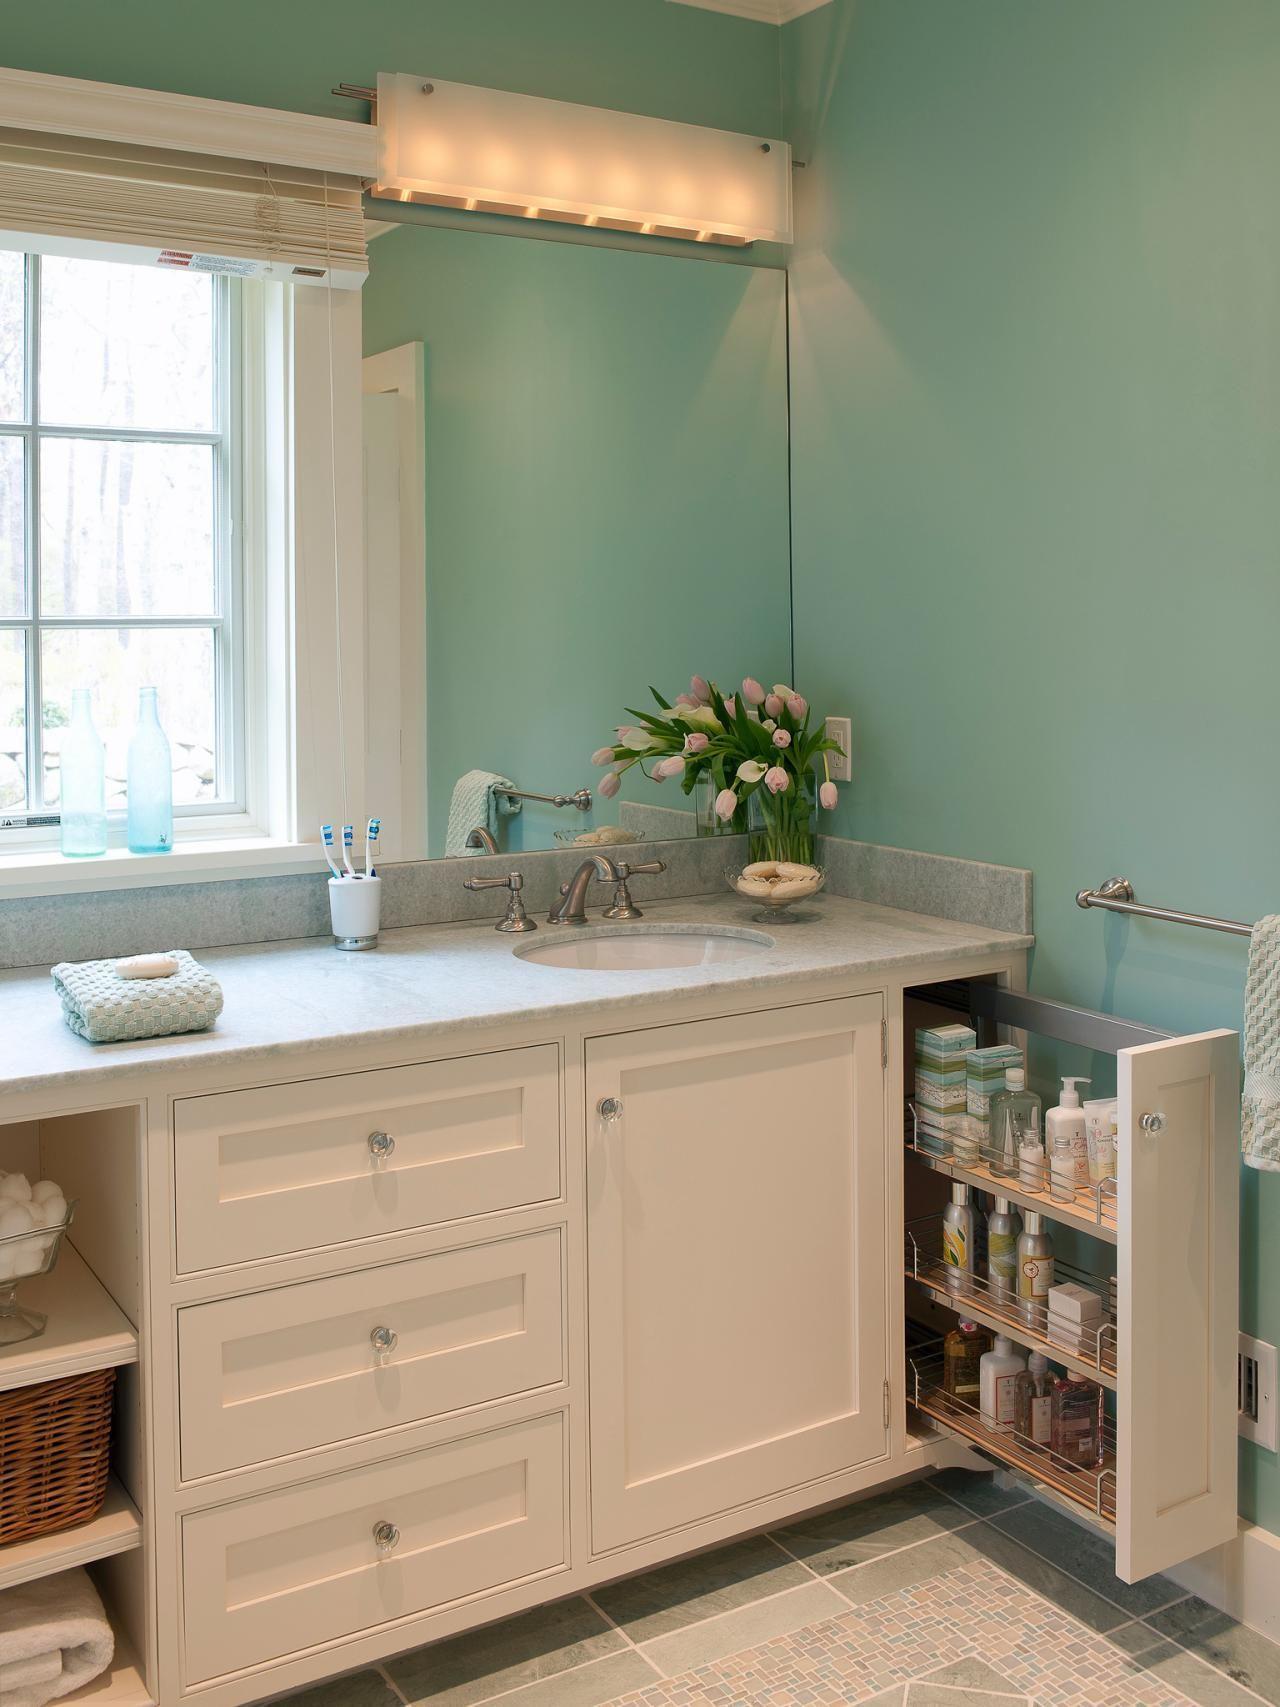 Creative Bathroom Storage Ideas Bathroom Design Choose Floor Plan Bath Remodeling Materials Hgtv Bathroom Vanity Storage Bathroom Vanity Small Bathroom